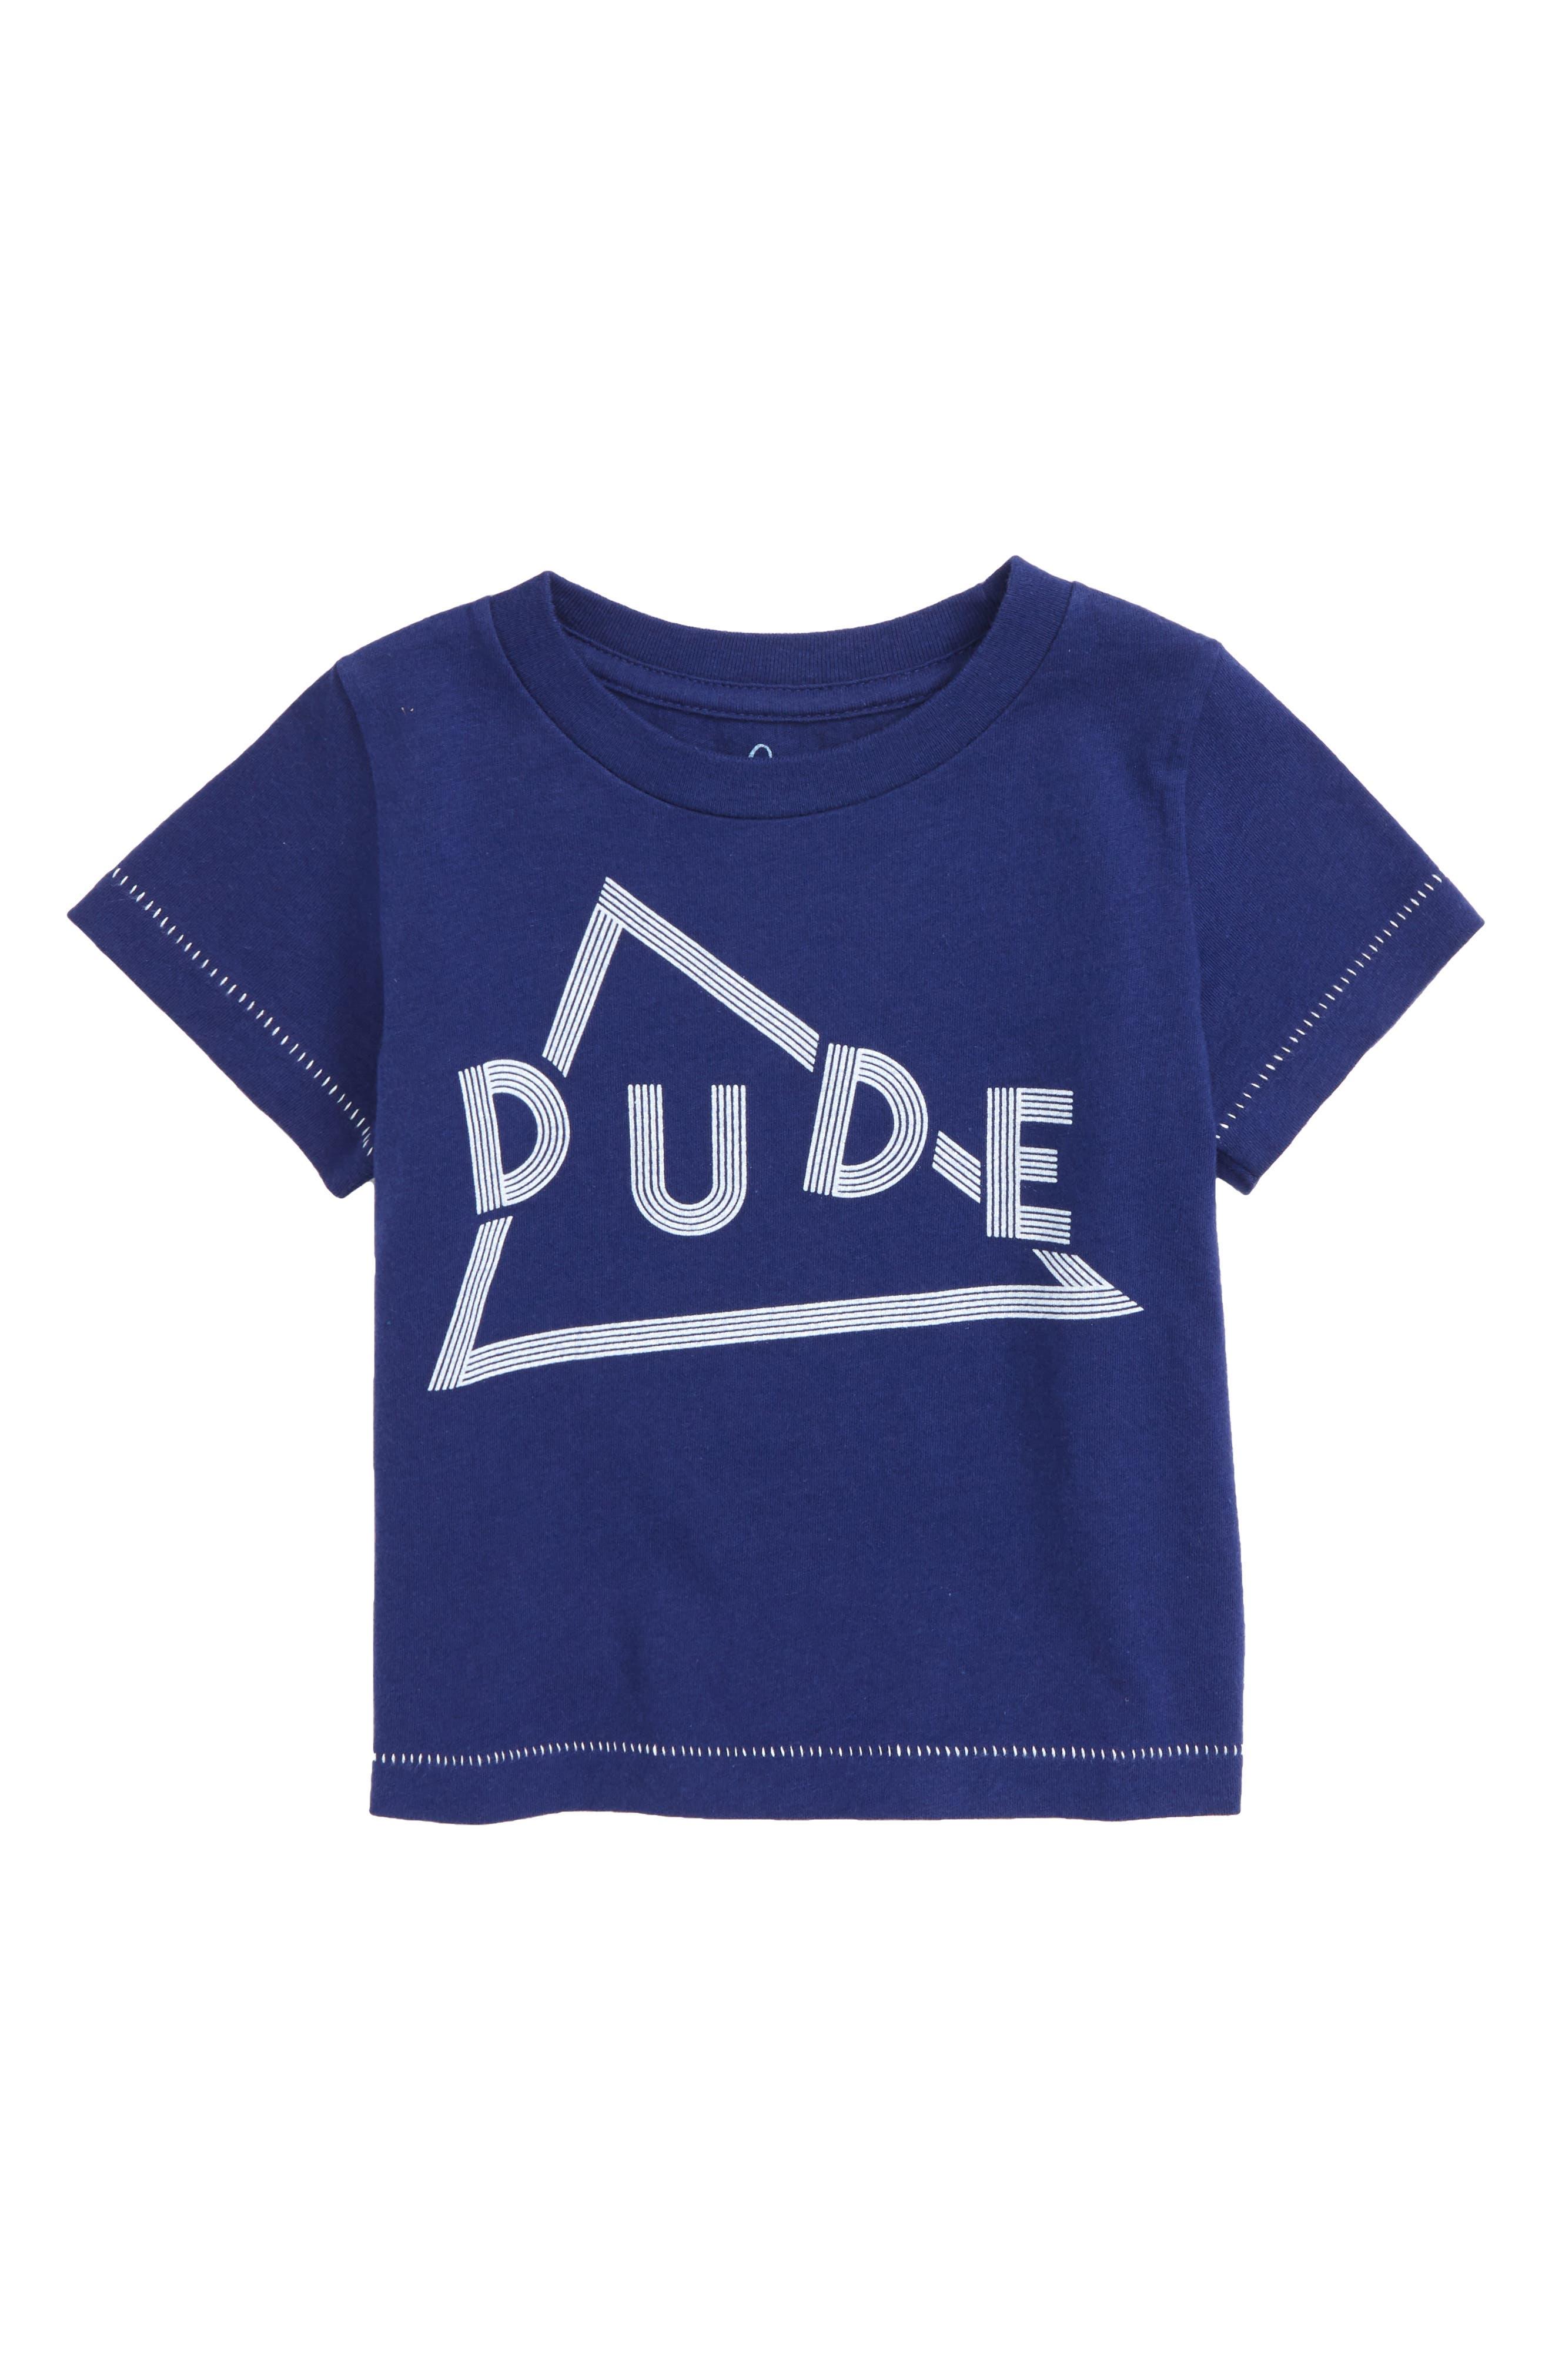 Dude Graphic T-Shirt,                             Main thumbnail 1, color,                             Navy